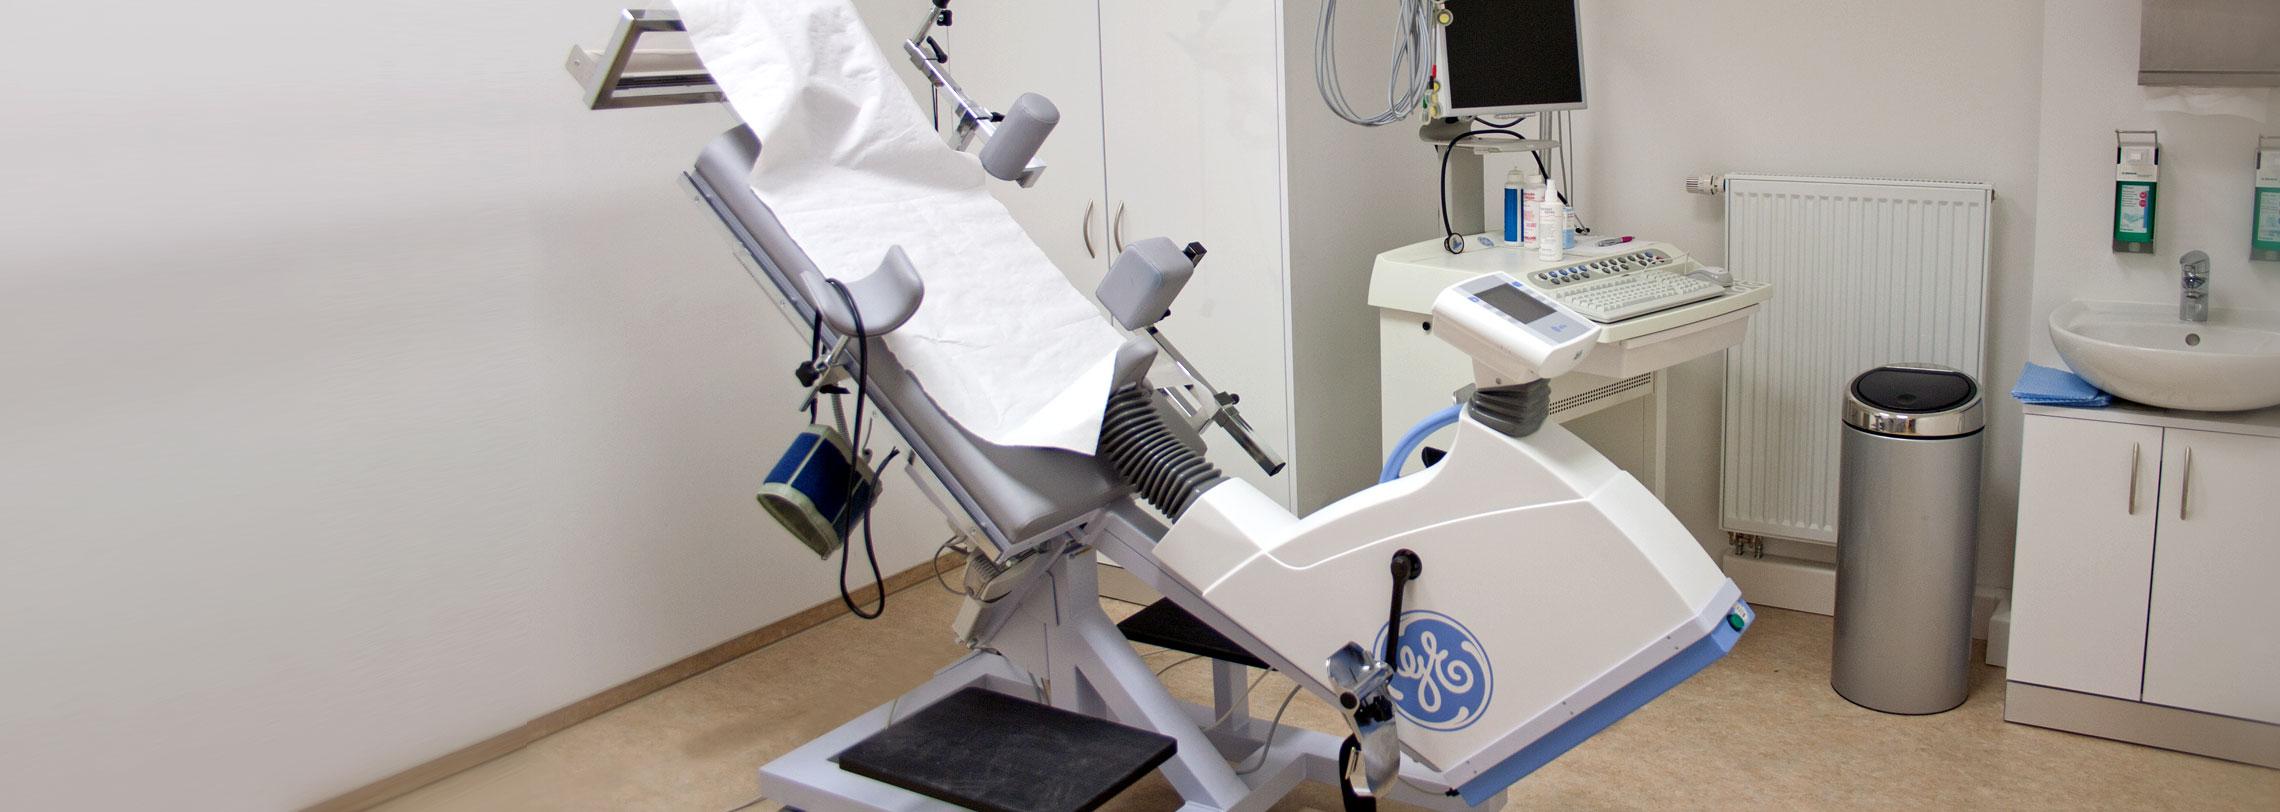 Stressechokardiographie Kardiologie Berlin Zehlendorf Schlachtensee